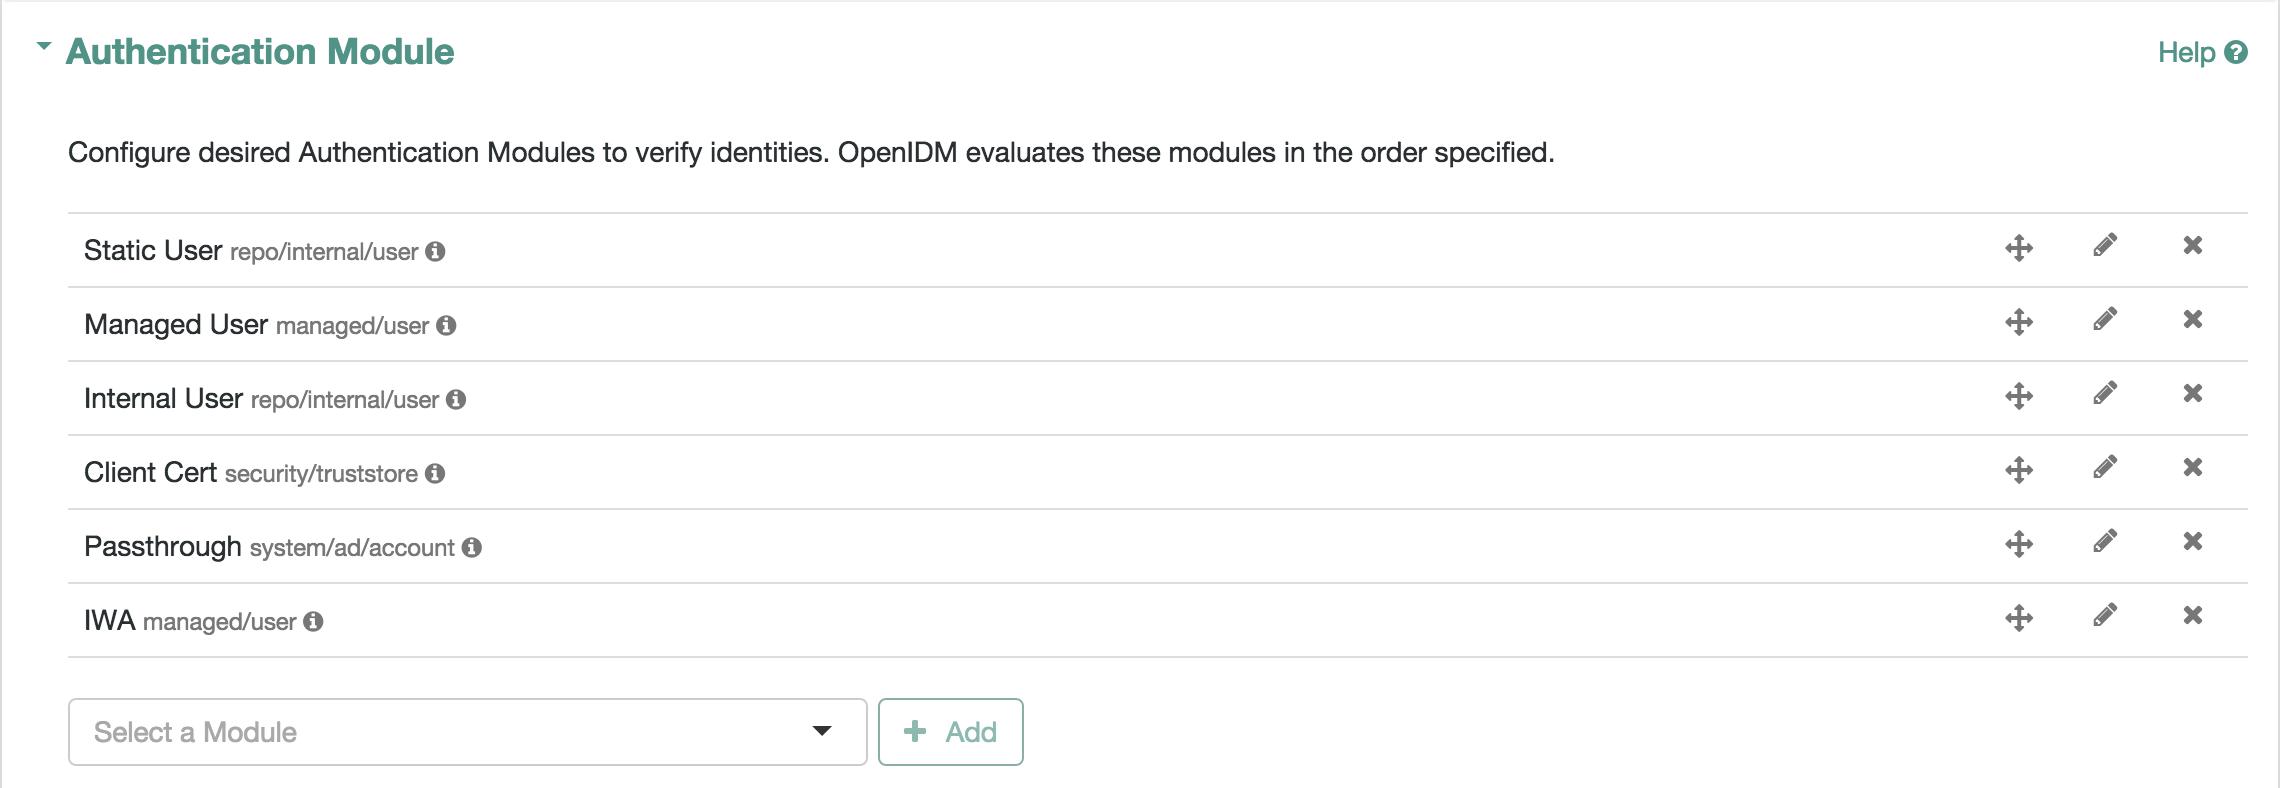 OpenIDM 4 Integrator s Guide